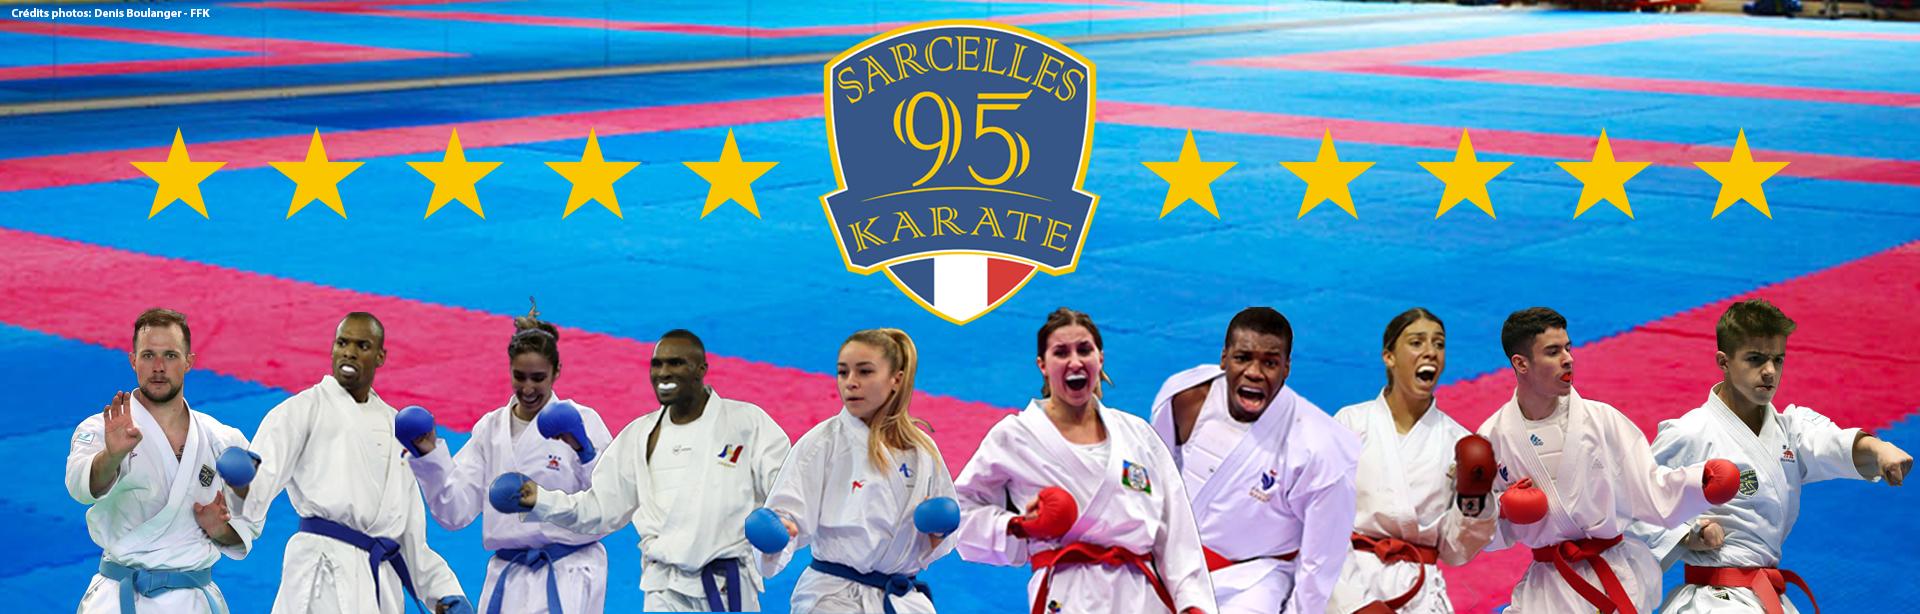 A.A.S.S. Karaté Sarcelles